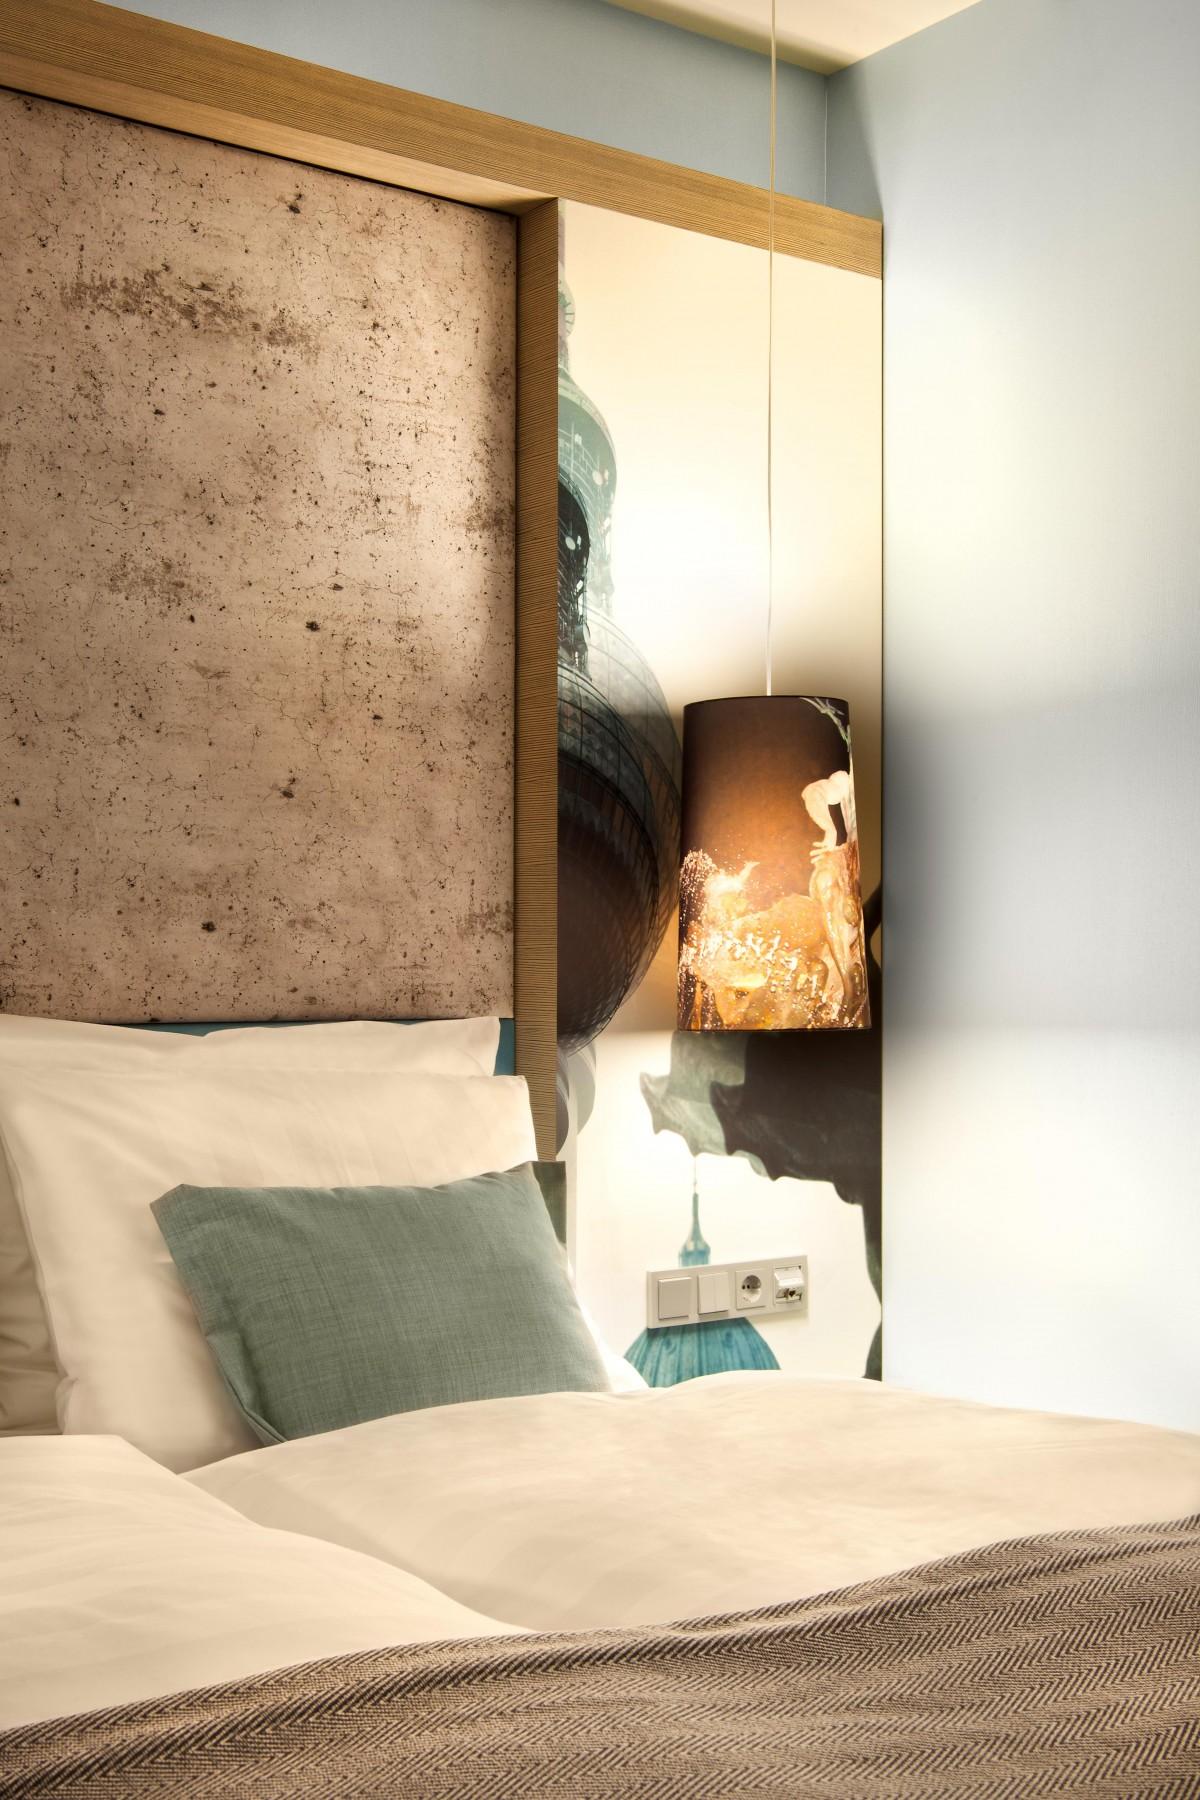 무료 이미지 : 목재, 바닥, 창문, 집, 벽, 거실, 가구, 방, 침실 ...